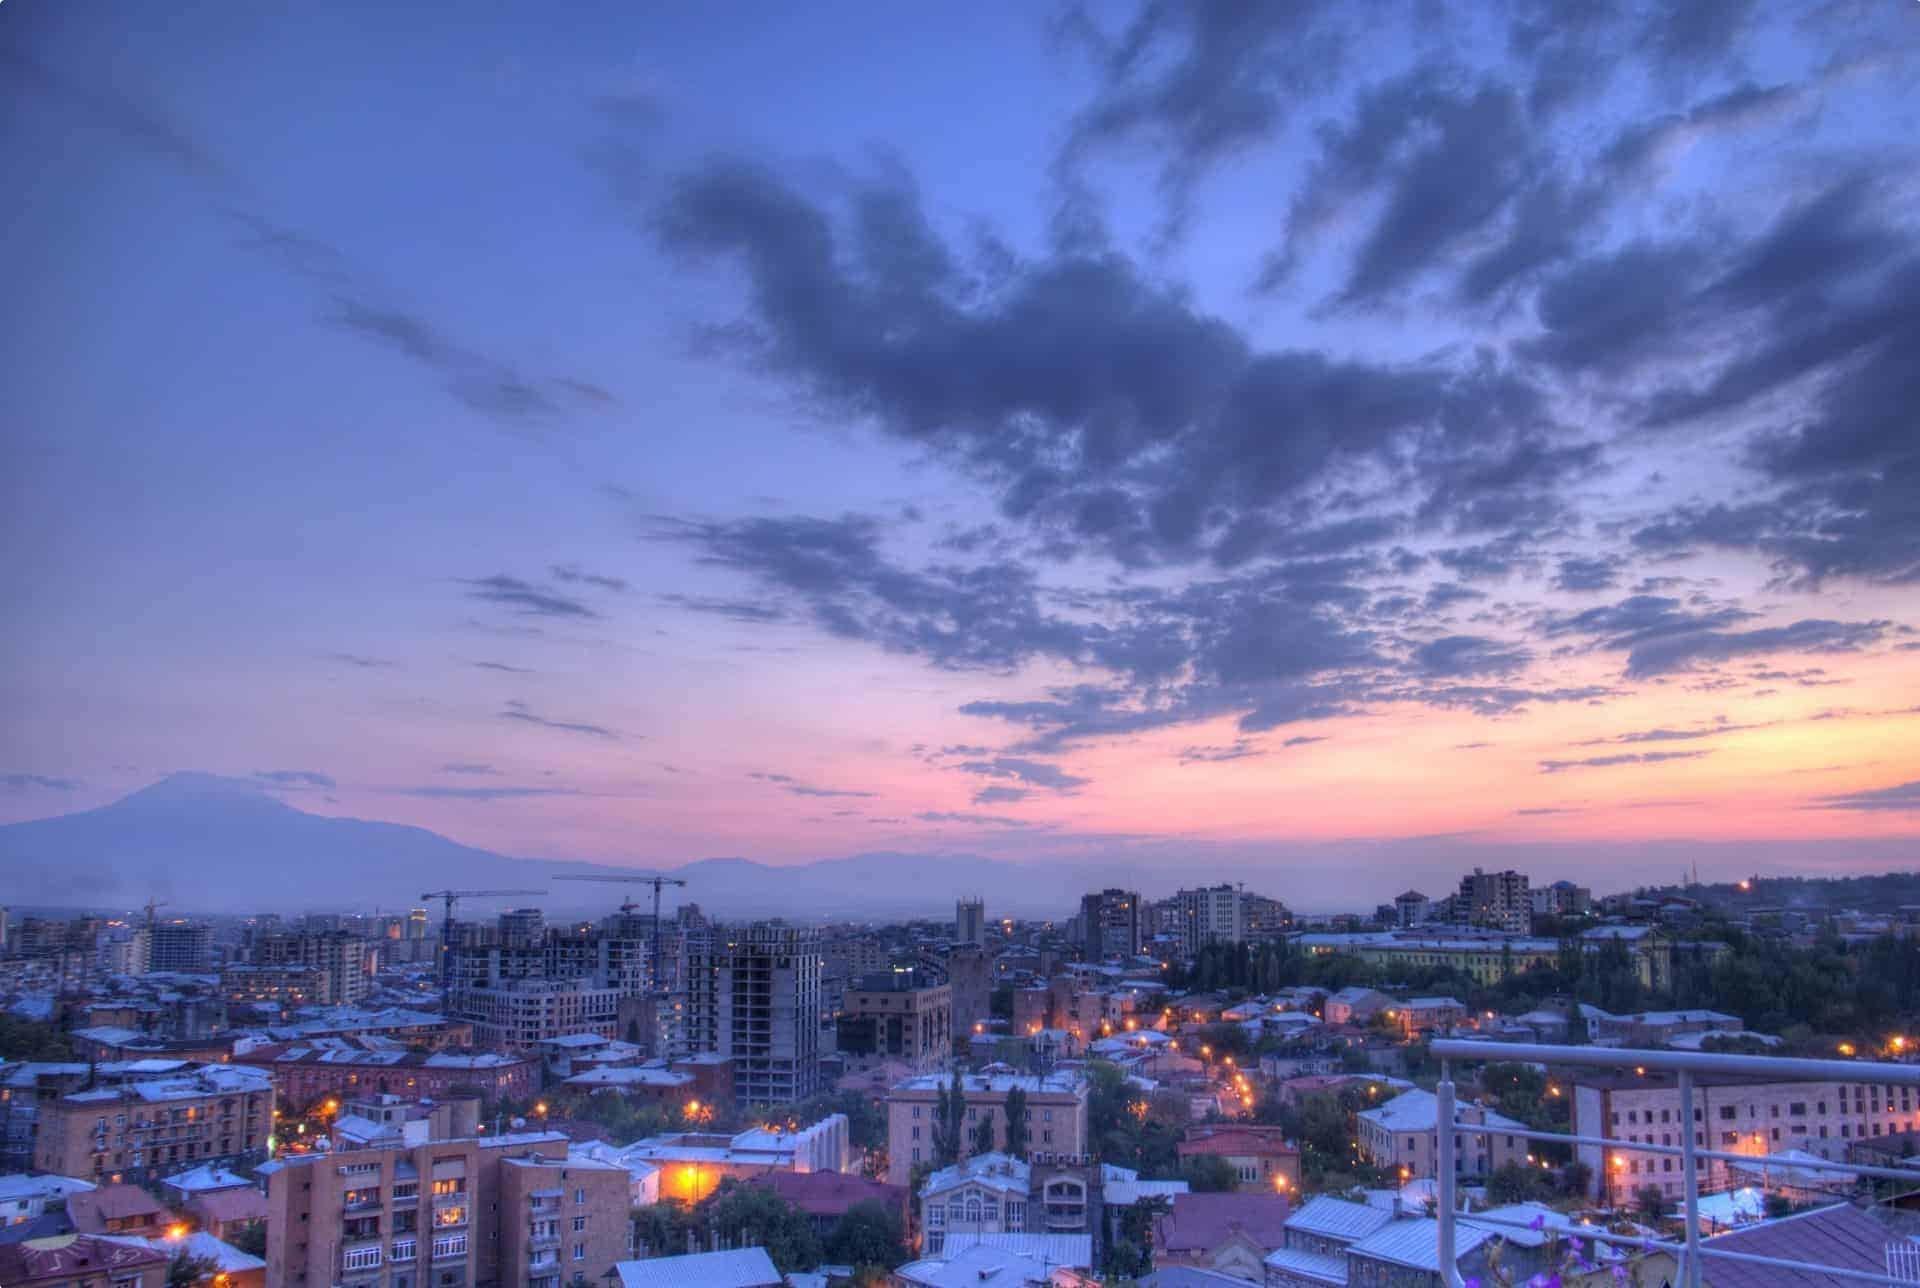 Dusk in Yerevan, Armenia